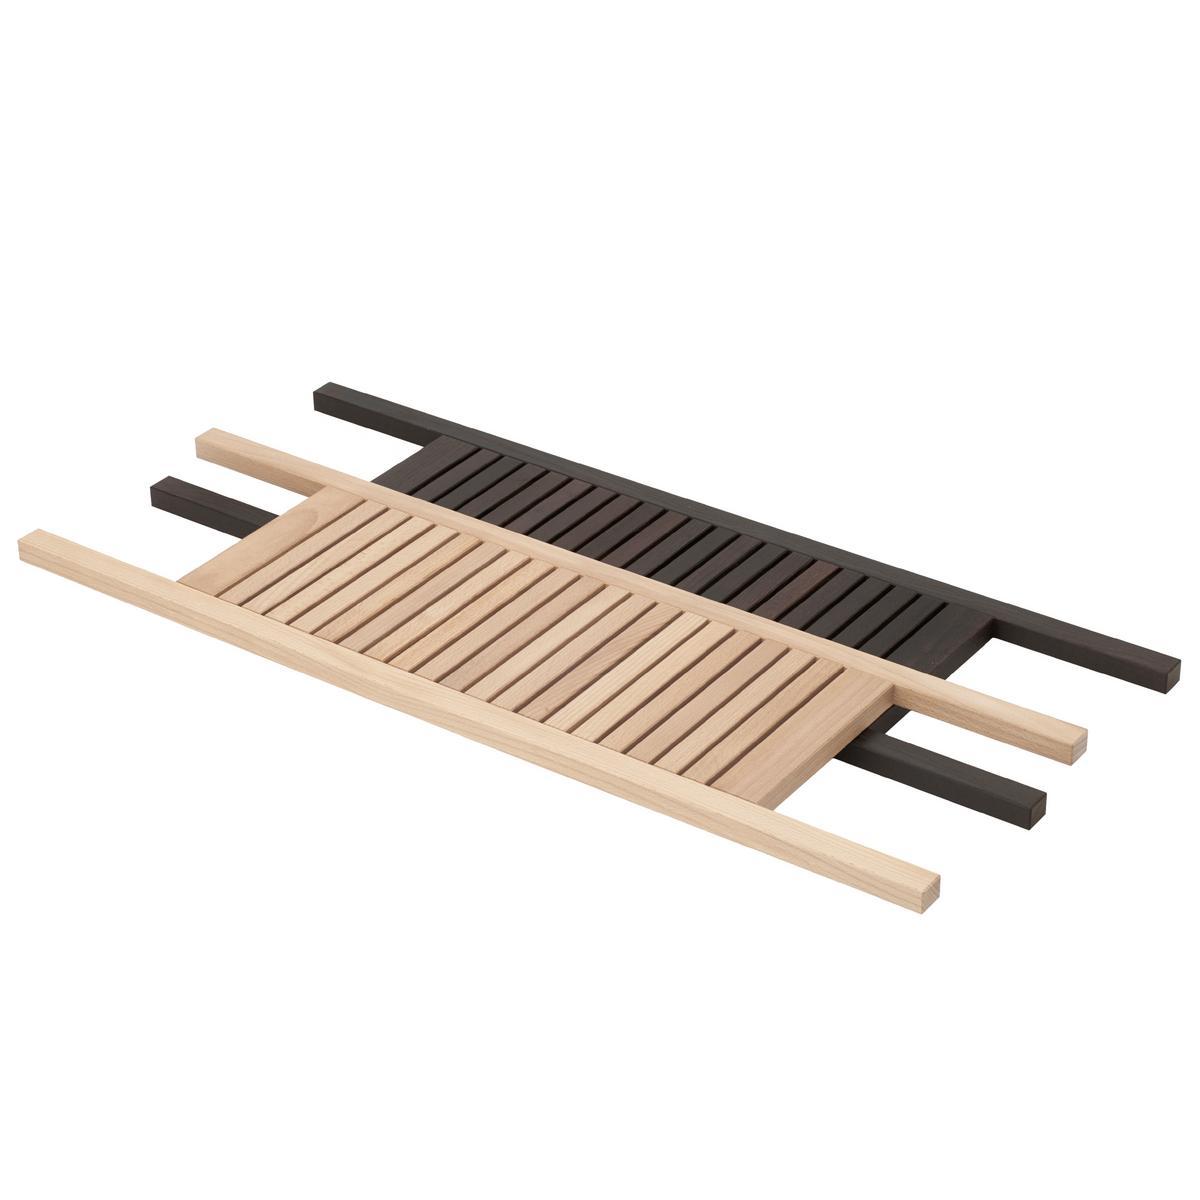 Decor walther wood bath trays for Decorative bathroom tray